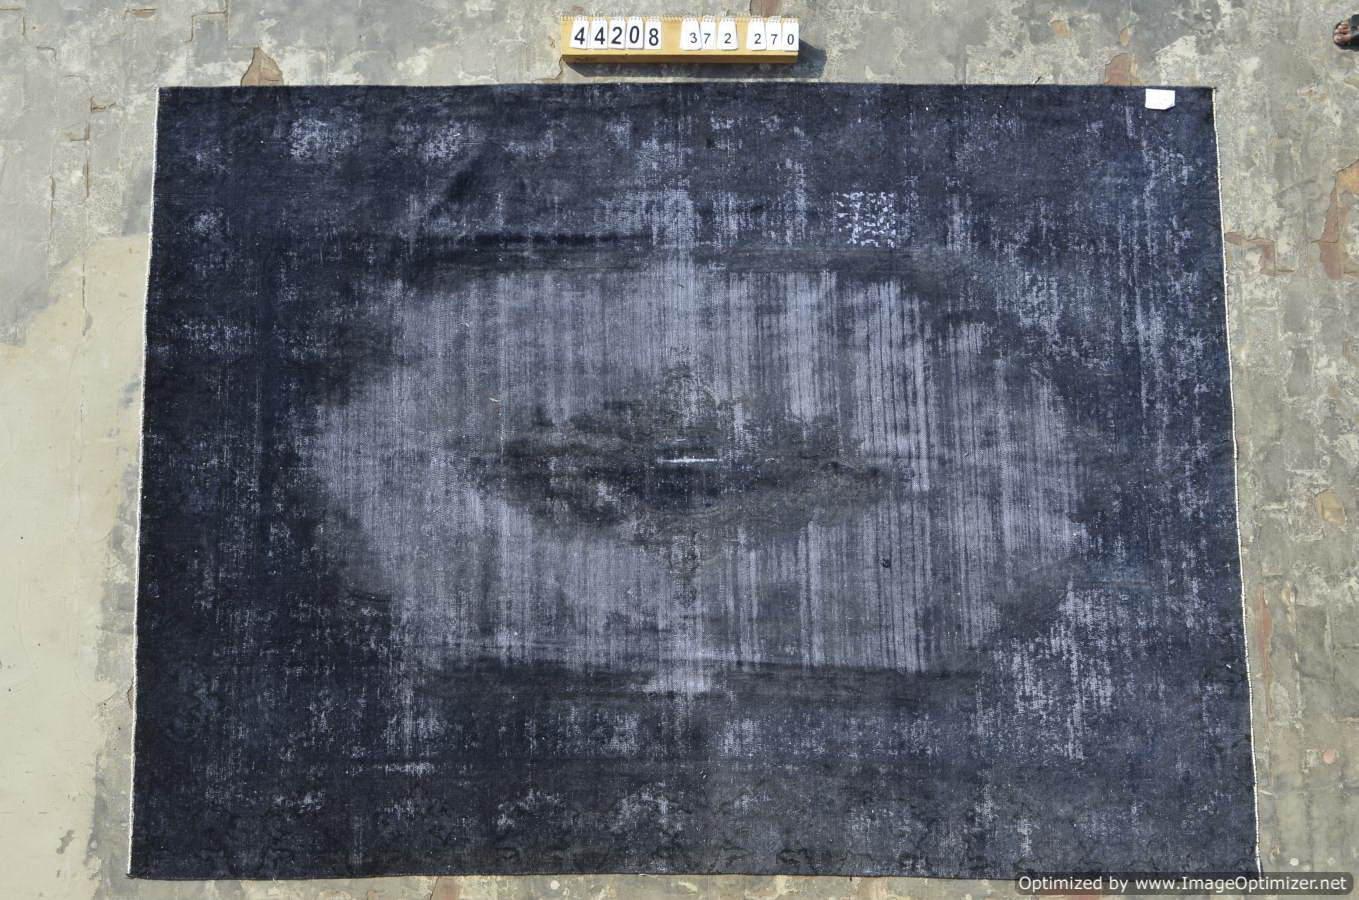 Antraciet vintage vloerkleed nr 44208 ( 372cm x 270cm) Nieuw ingekocht, vanaf 10 April op voorraad!